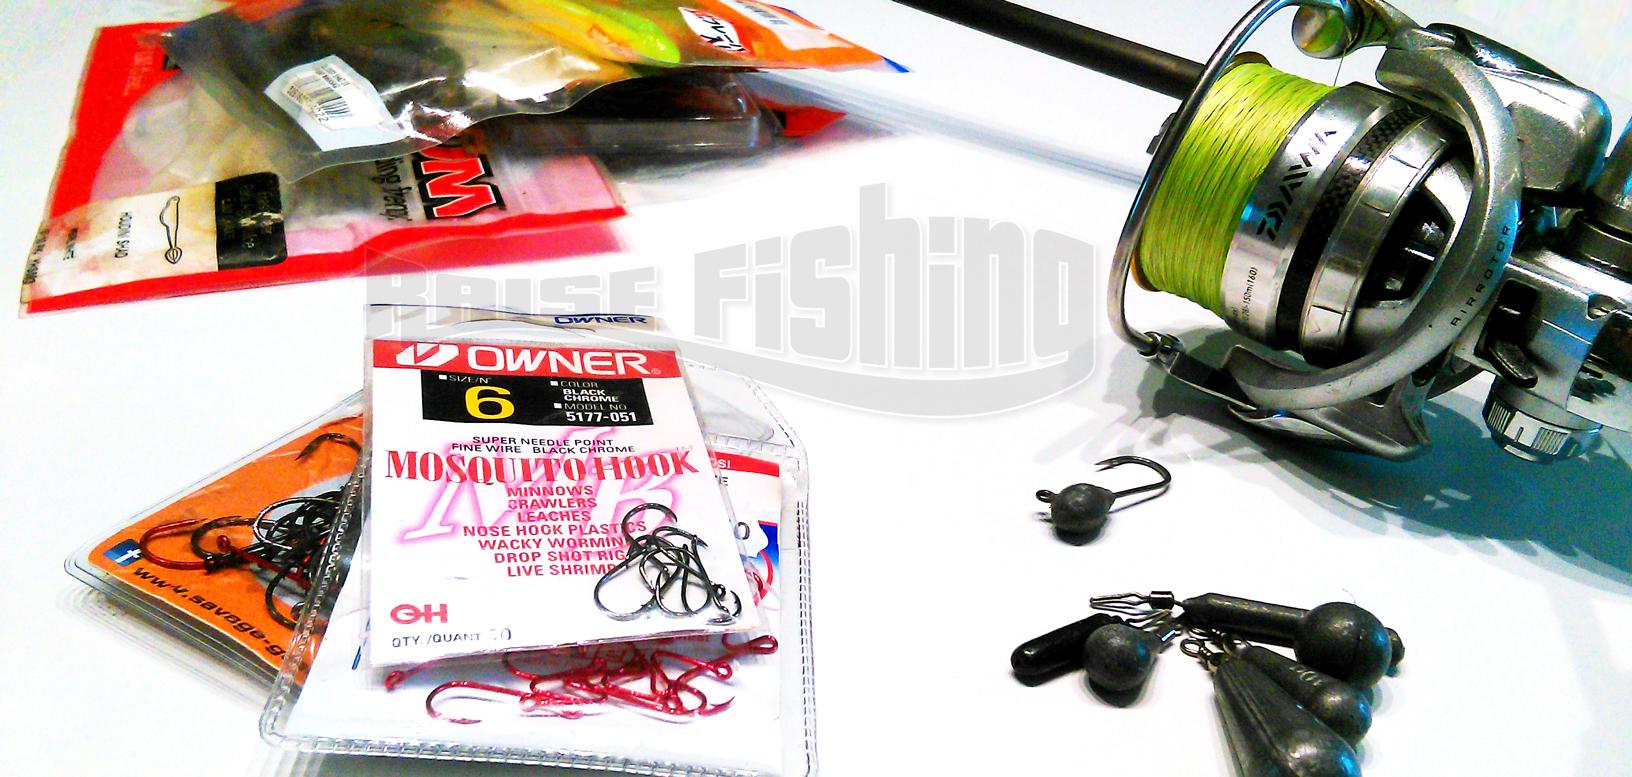 Pêche au Drop shot, tout savoir : conseils, montage, noeuds